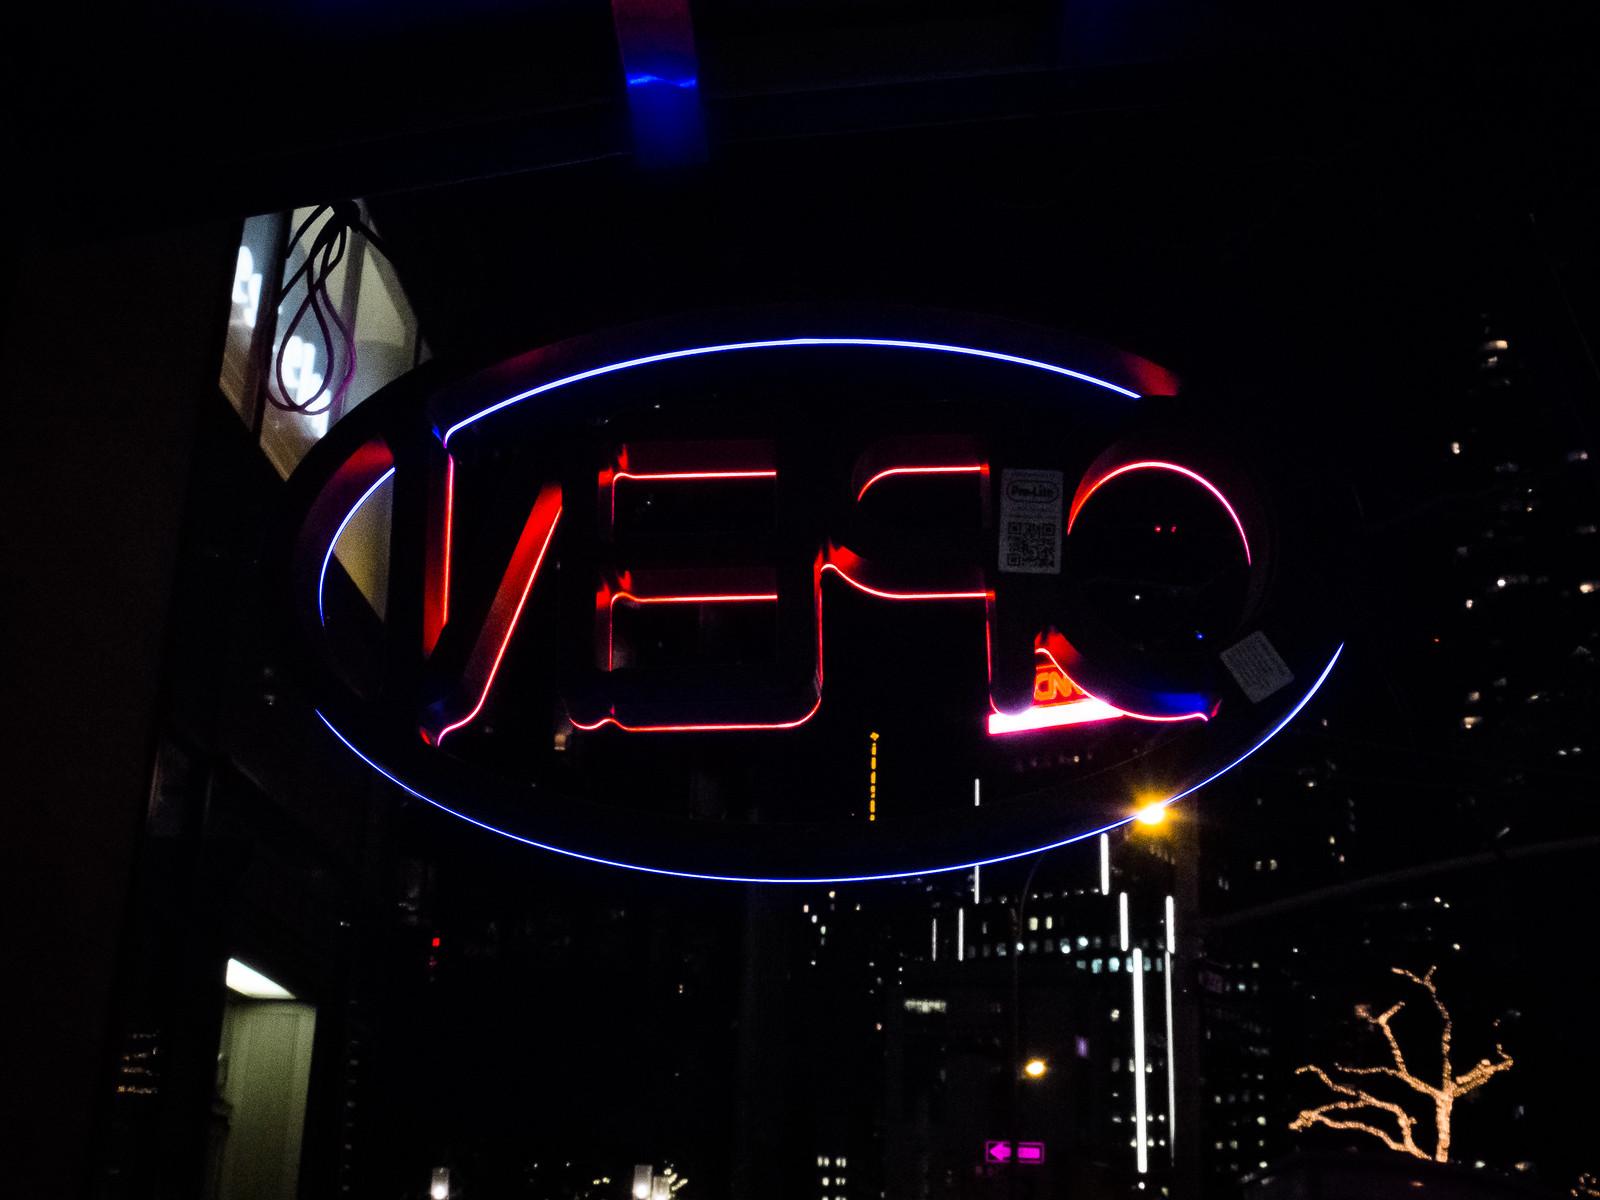 NEPO by wwward0